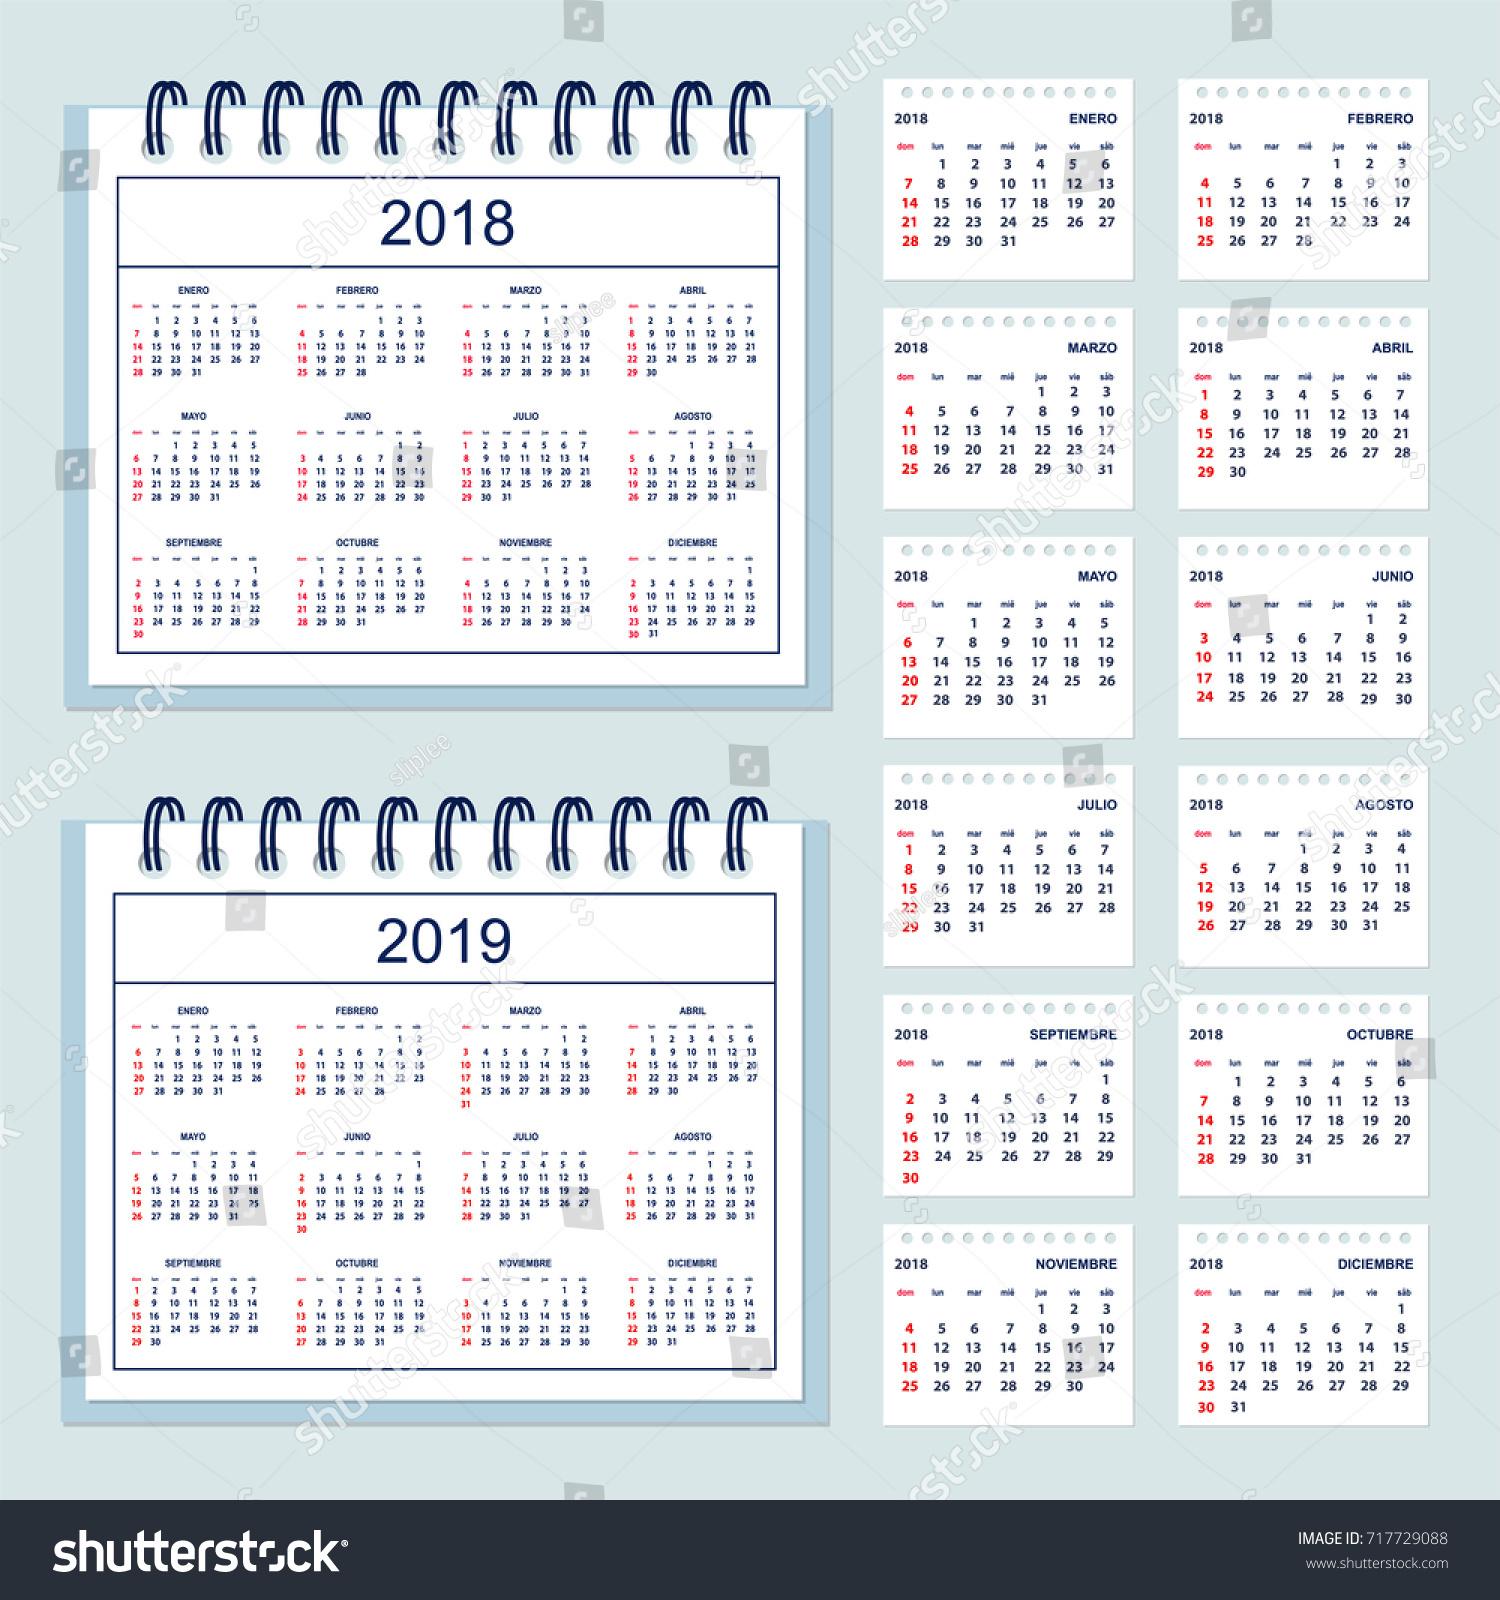 Year Calendar Desk : Set business calendar desk year stock vector